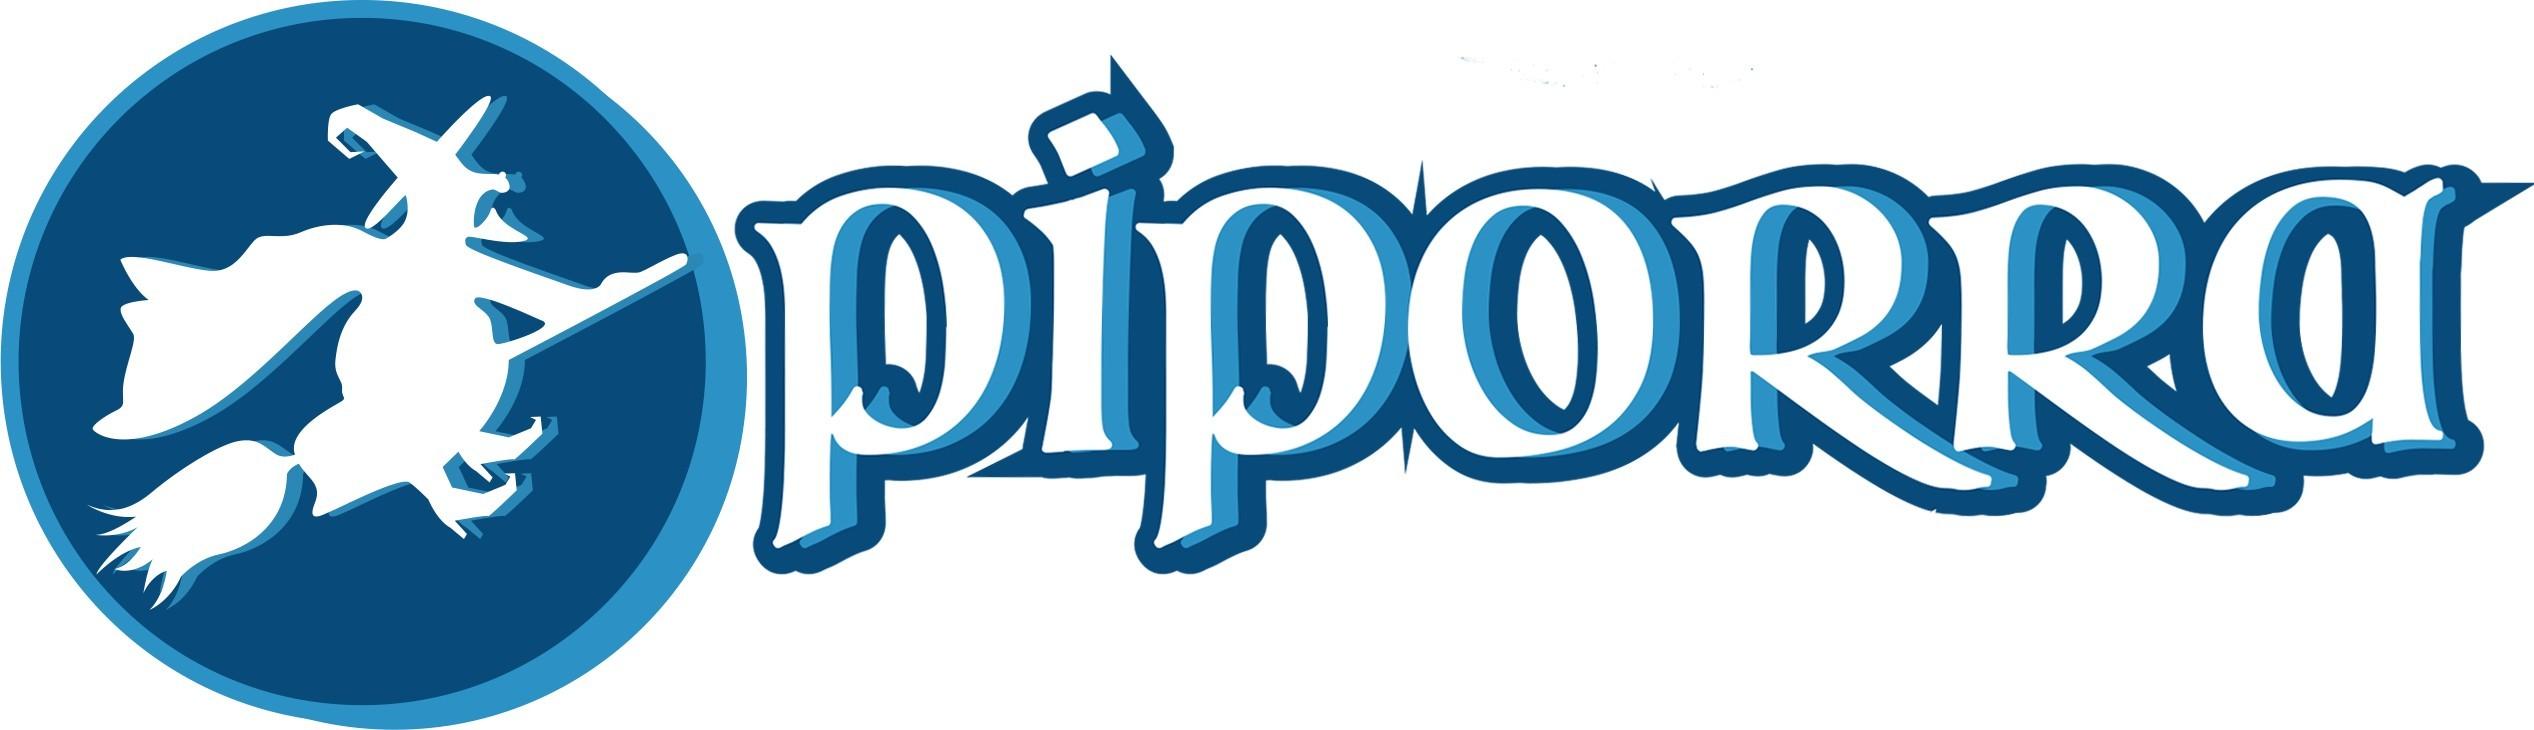 Cervezas Piporra